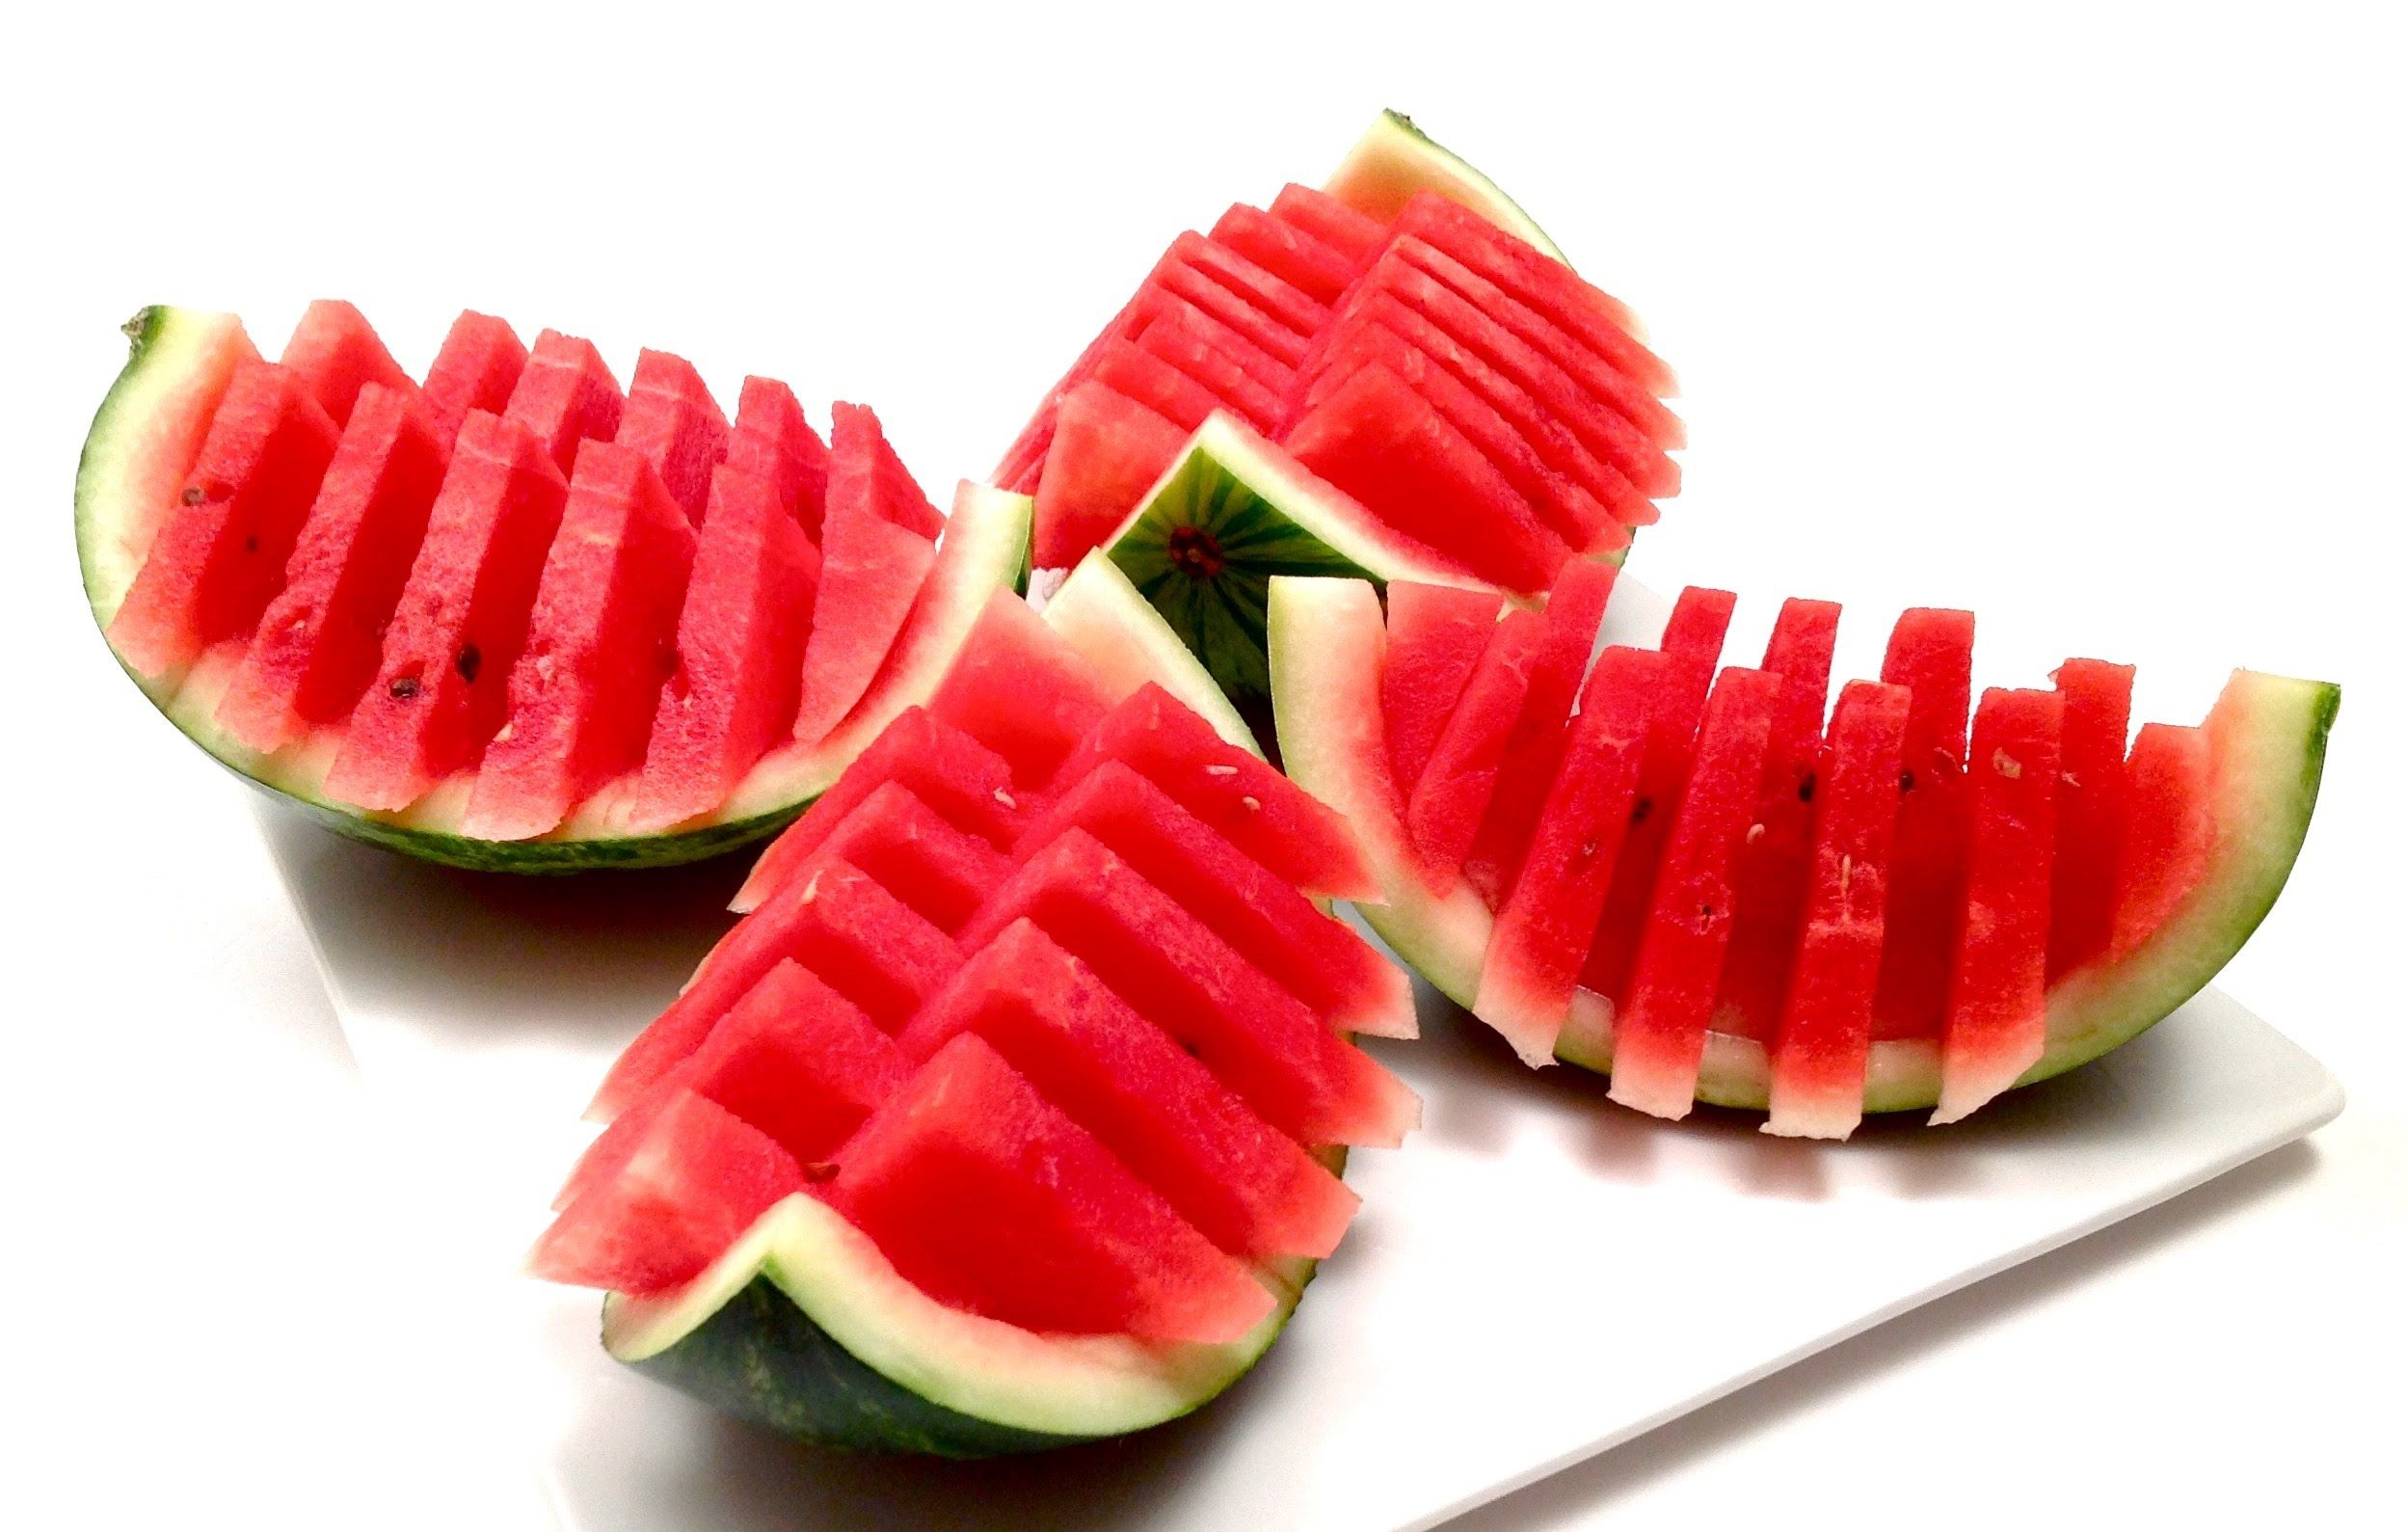 Comment Couper et Servir un Melon d'Eau Rapidement (HD)